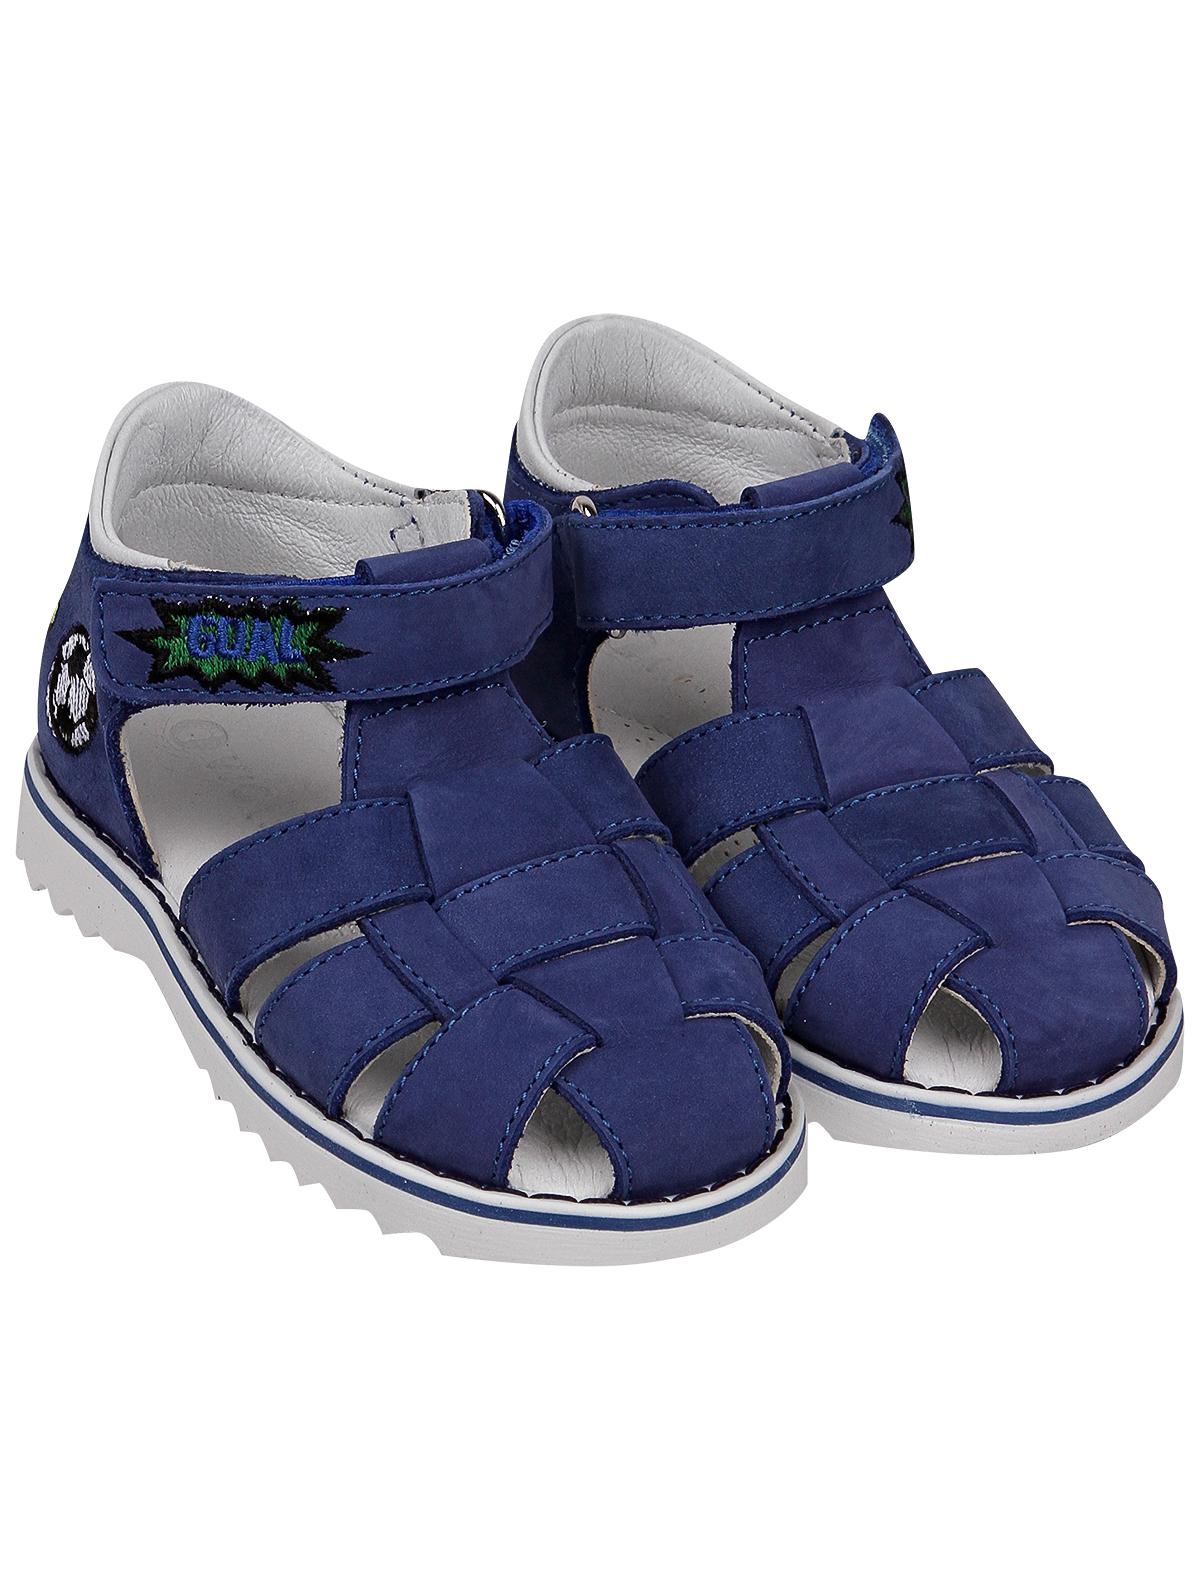 Сандалии Walkey синего цвета